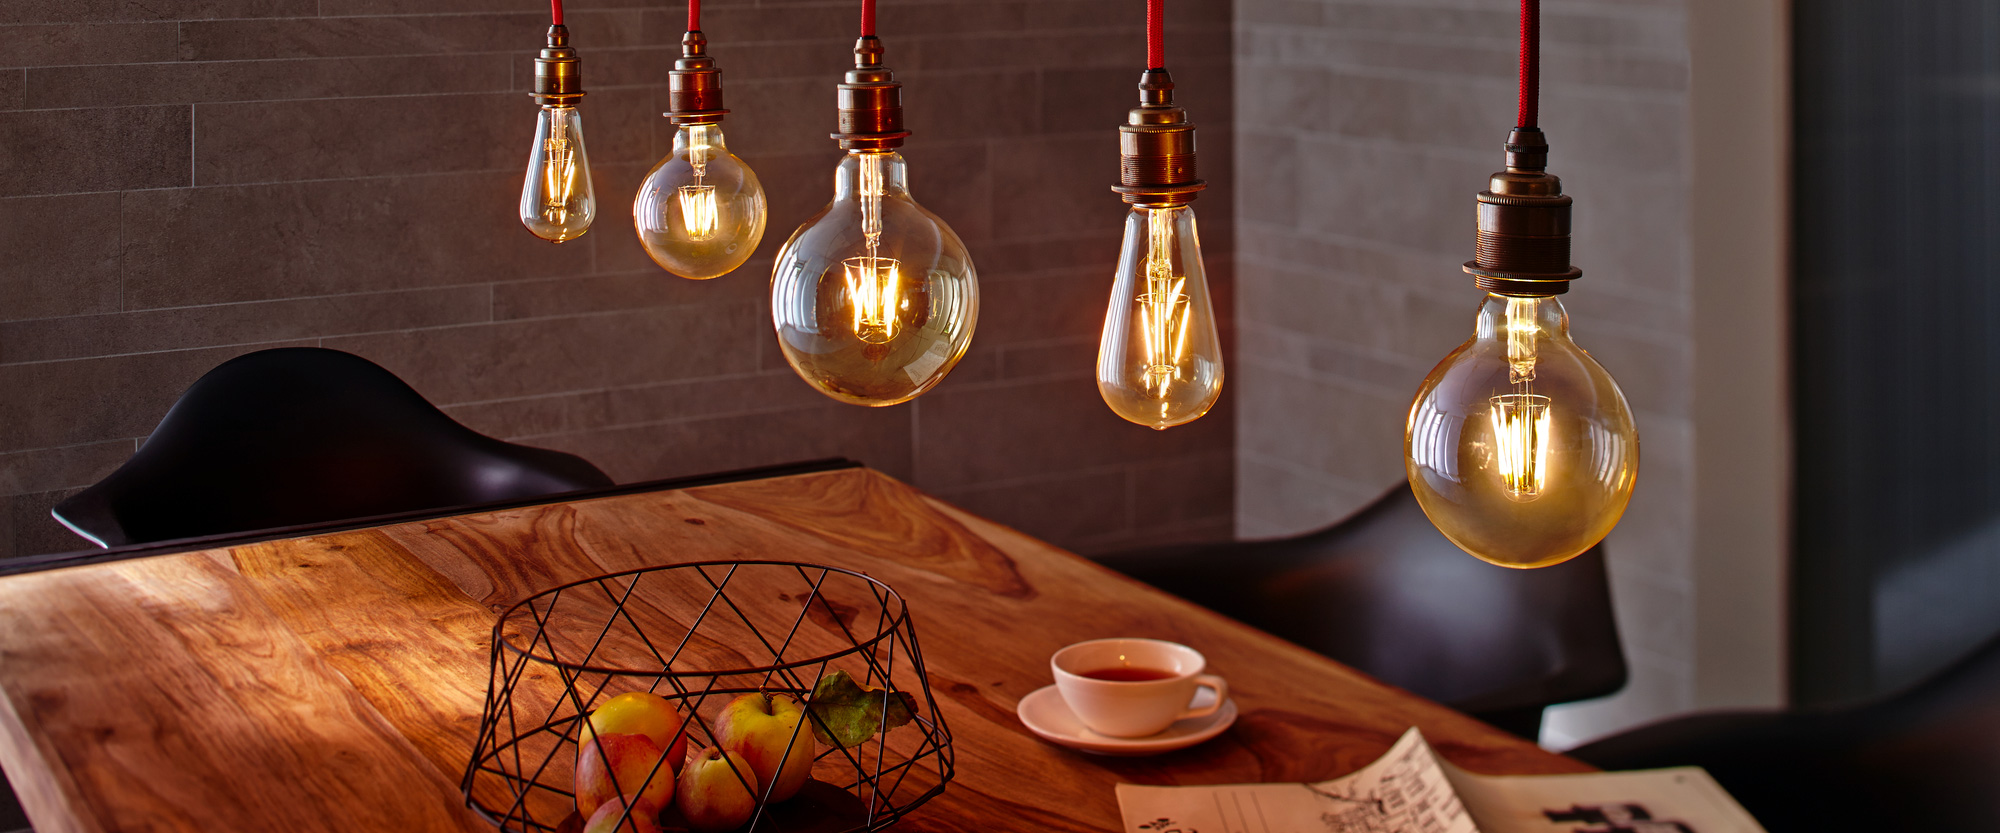 LED Filament bzw. Vintage Leuchtmittel